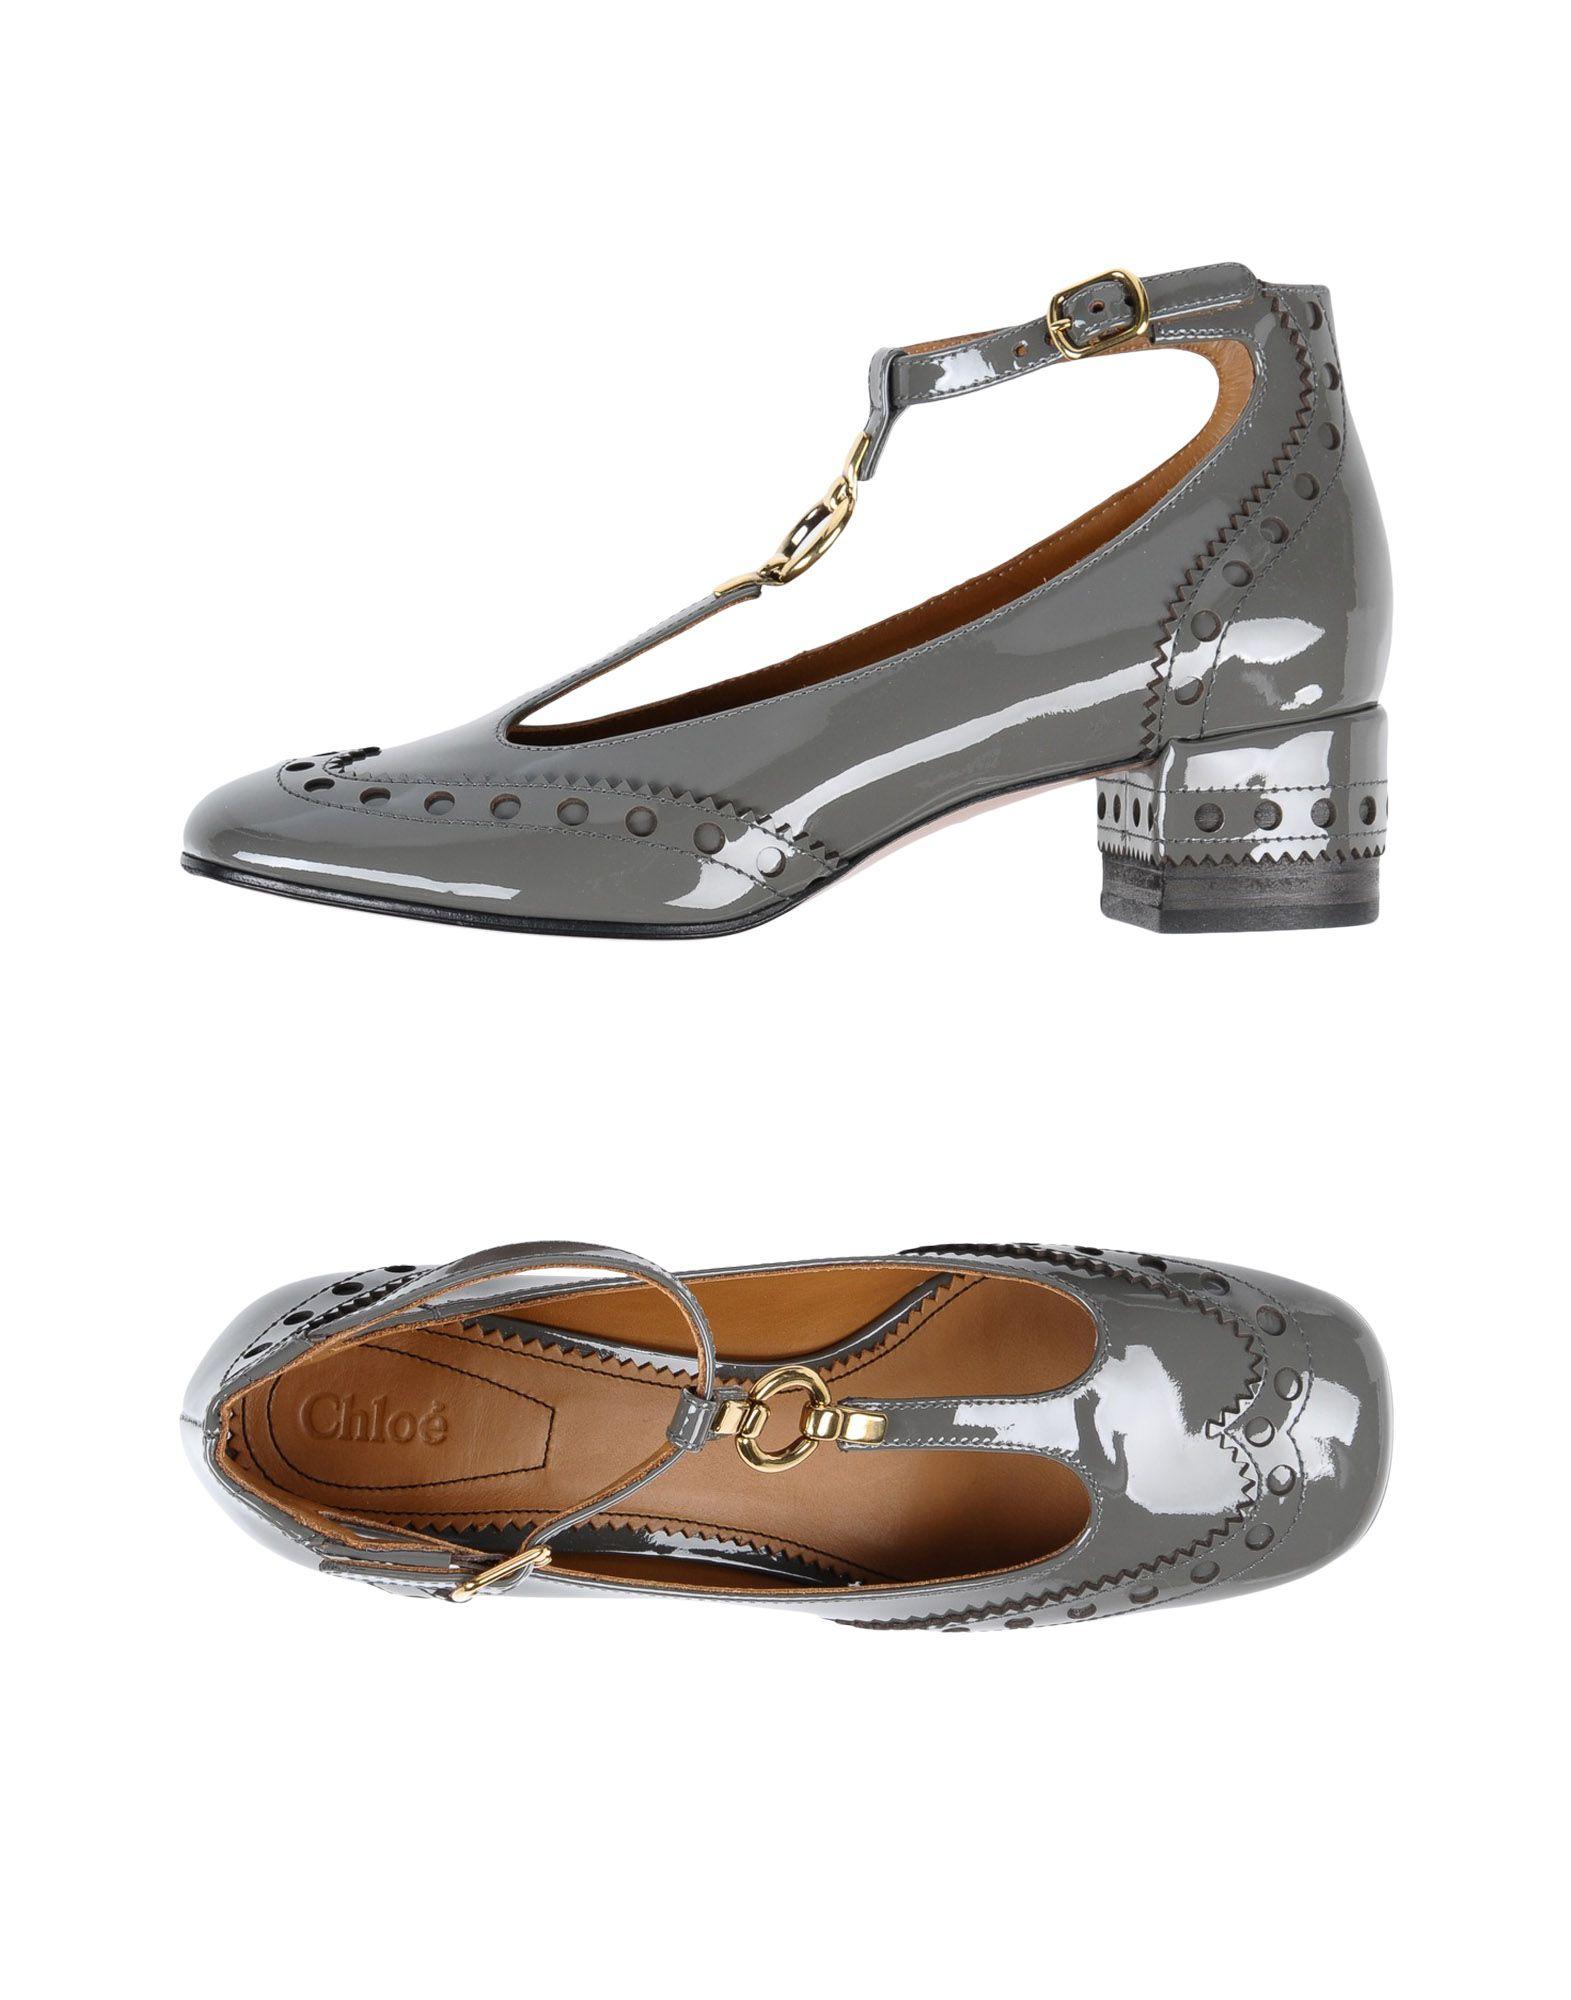 Zapatos casuales salvajes Zapato De Salón Chloé  Mujer - Salones Chloé  Chloé Plomo 93d553